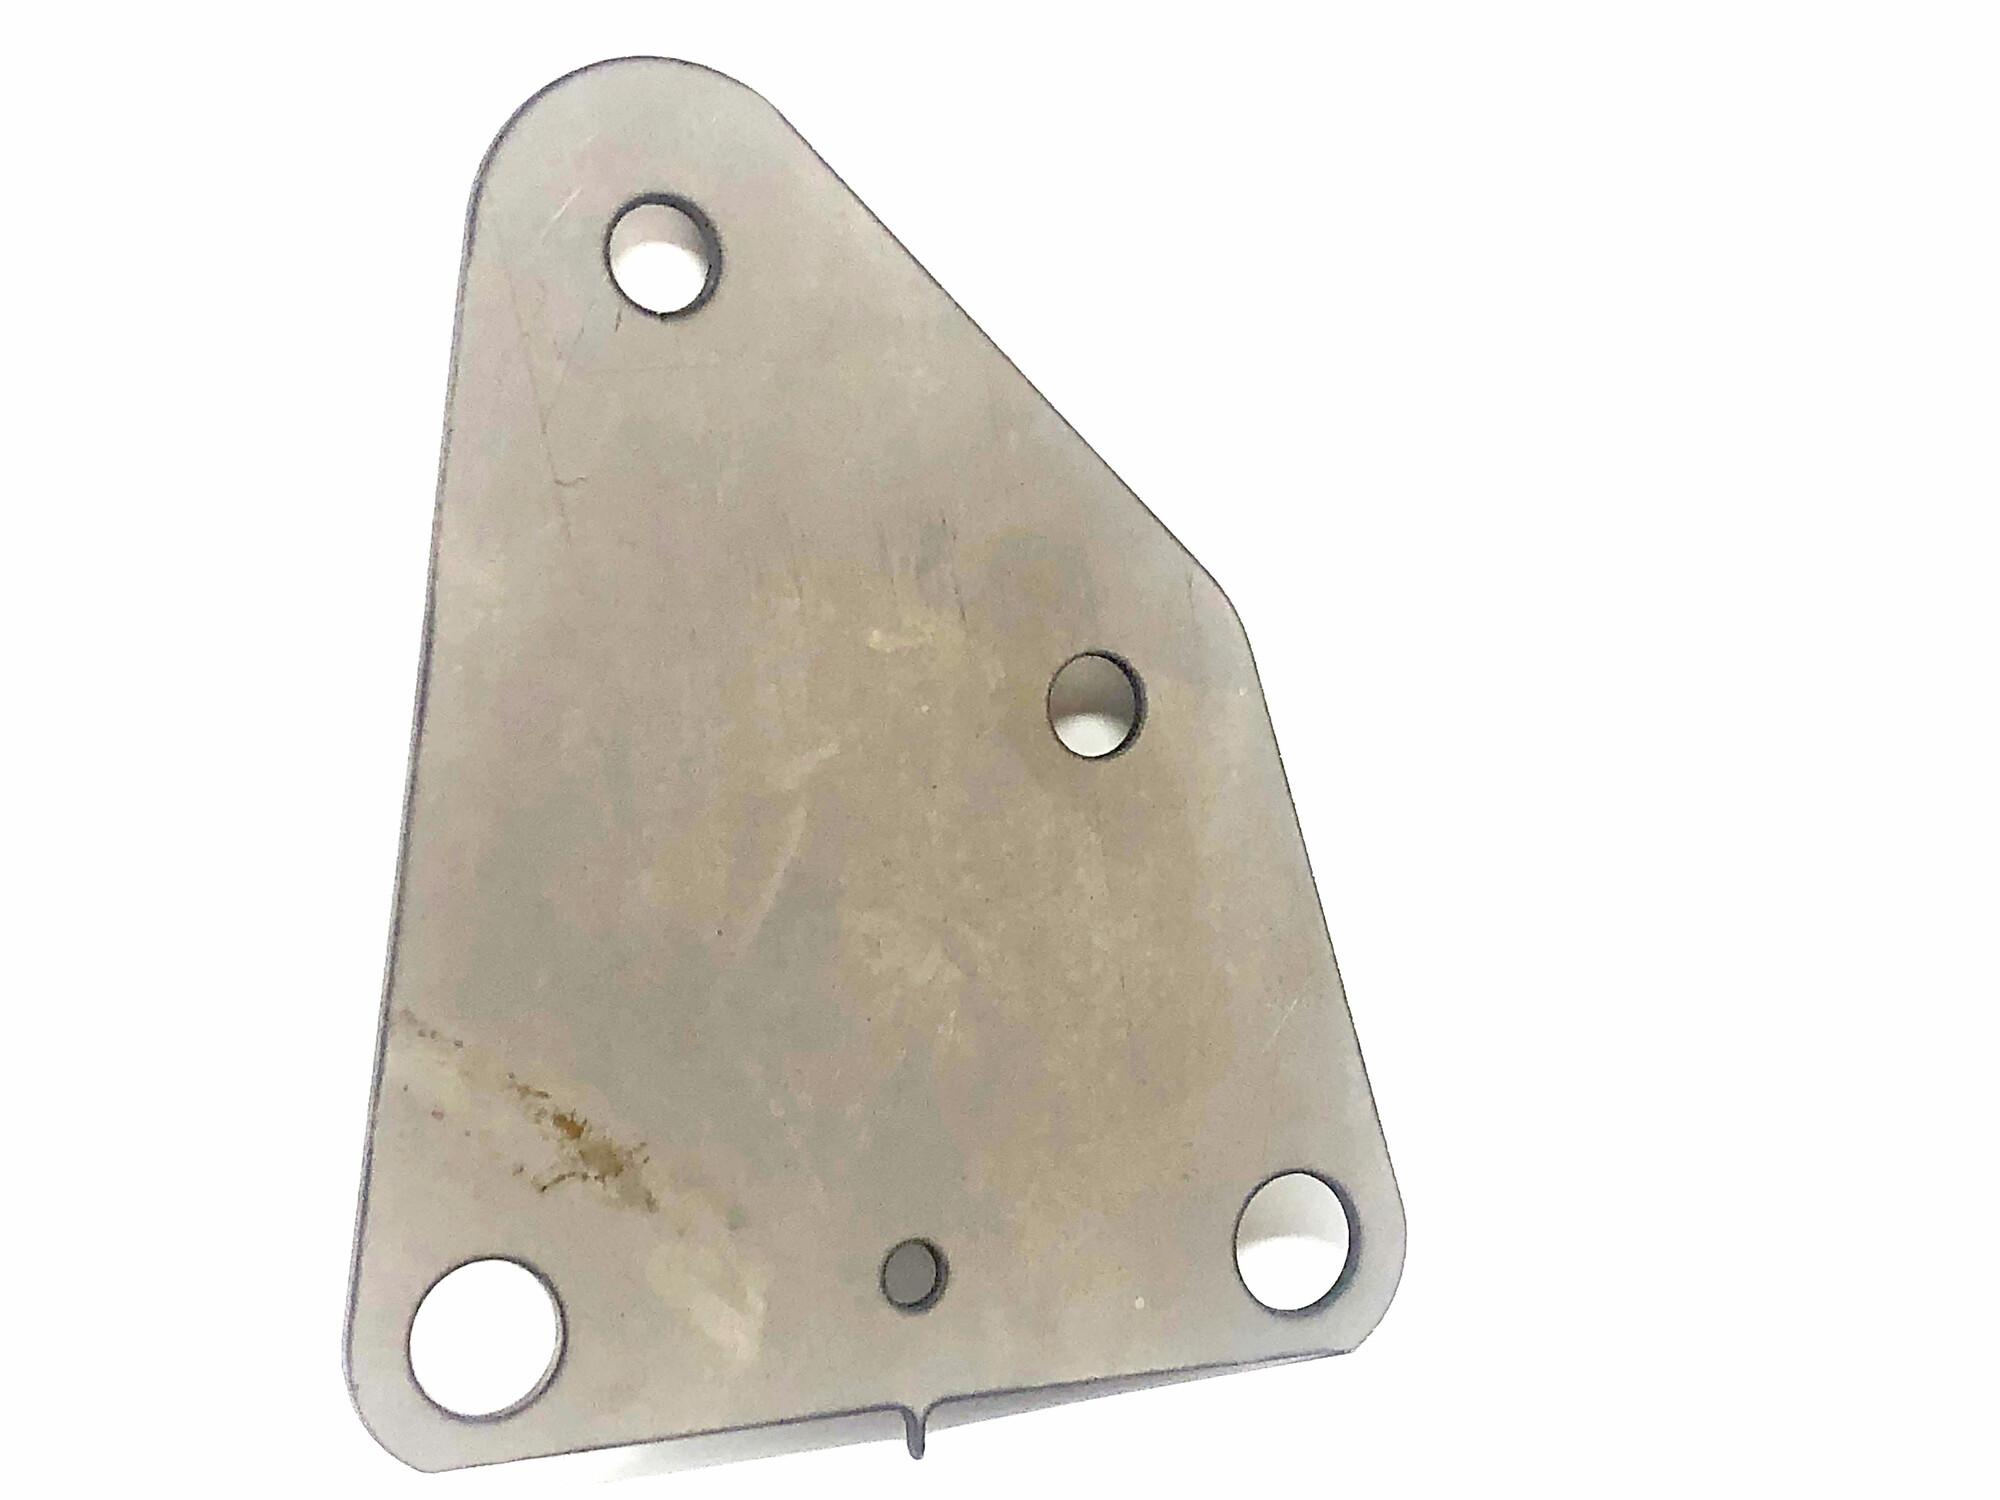 045 inch thick titanium